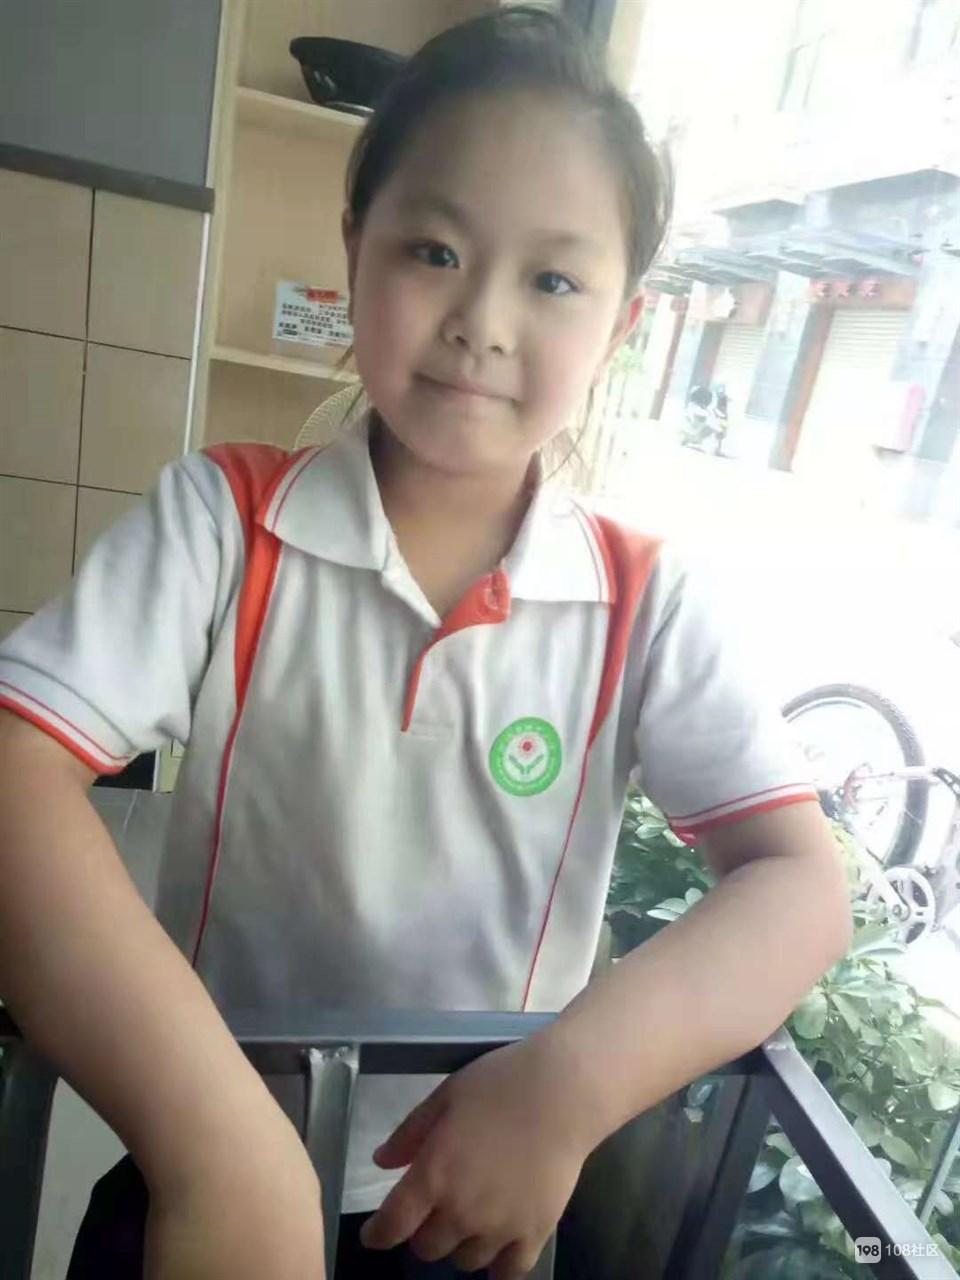 安溪12岁单亲女孩突患骨肉瘤  母亲心怀感恩  急盼救助